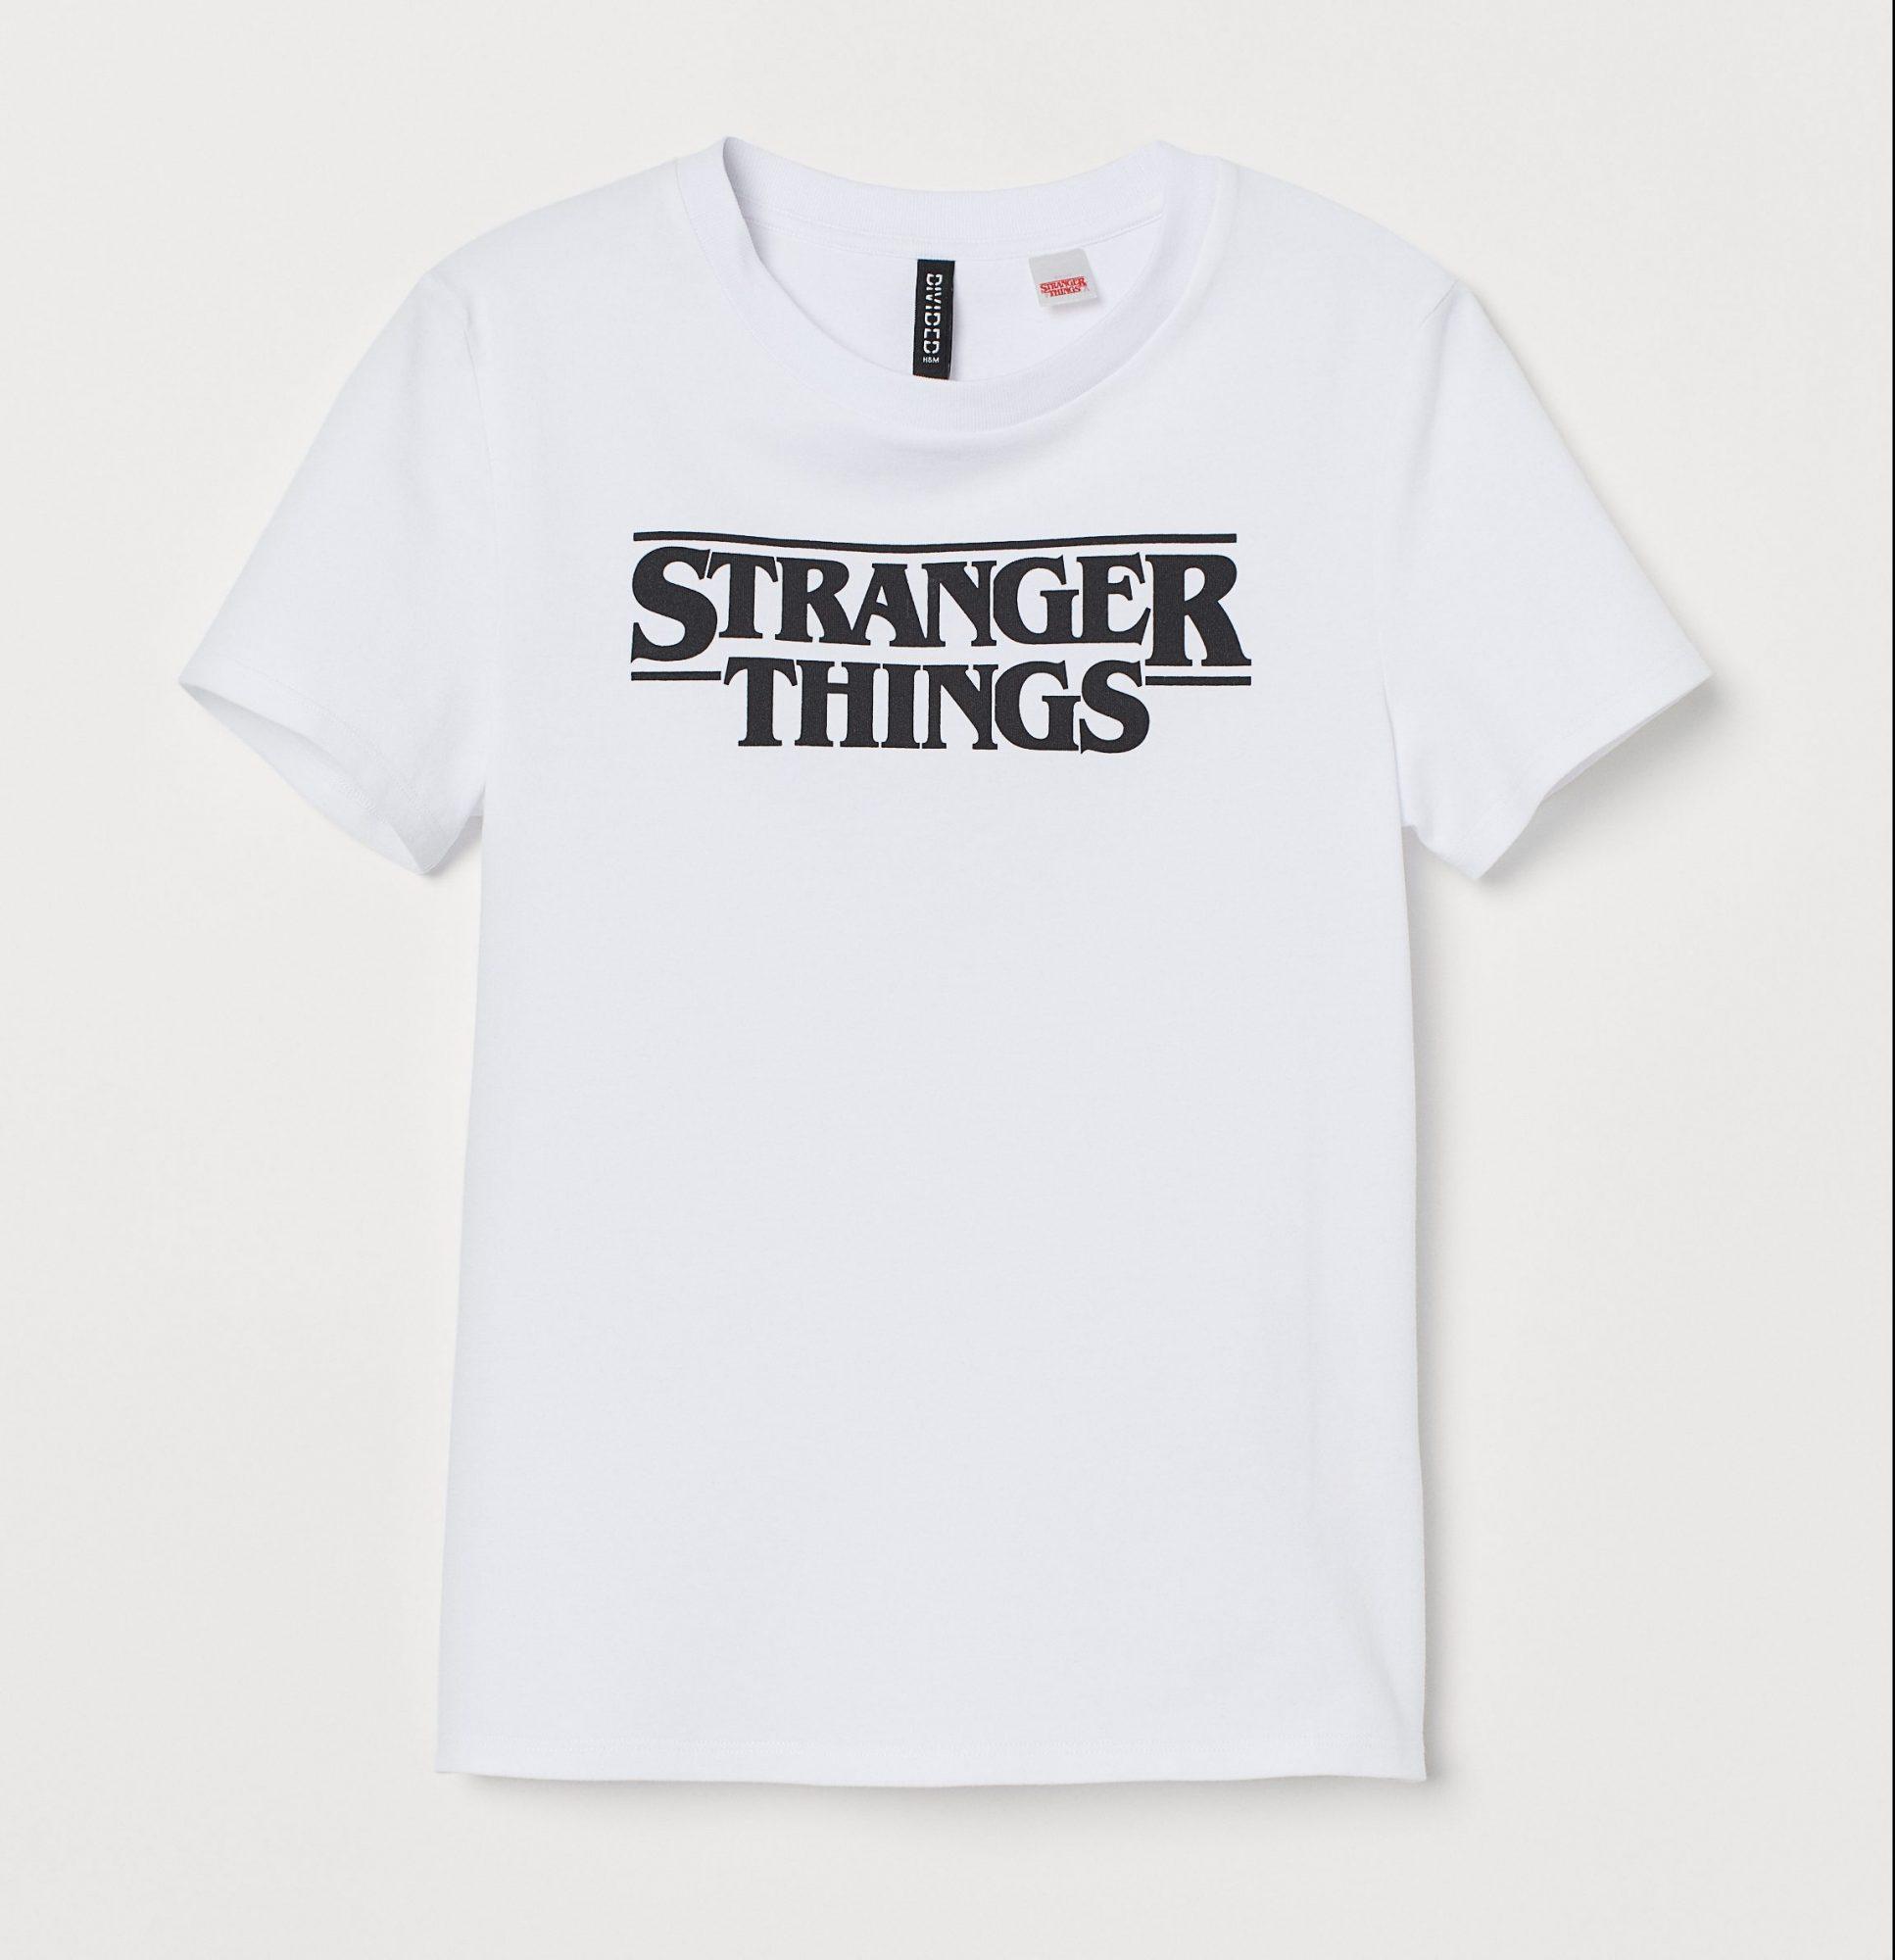 stranger-things-hm-tshirt-e1557343812236.jpg